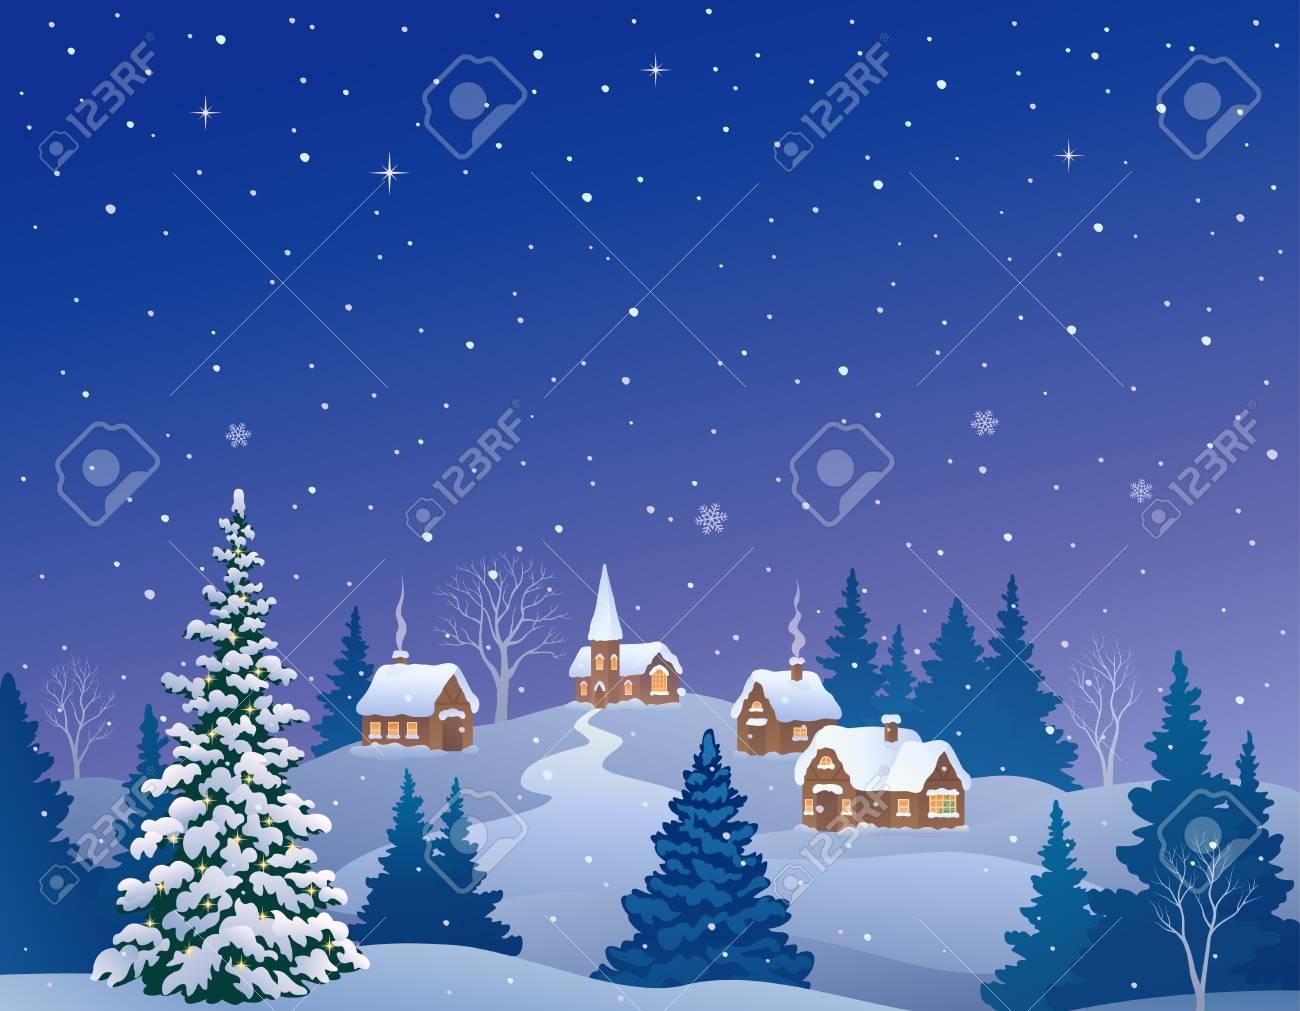 Vector cartoon illustration of a snowy winter village - 109887685